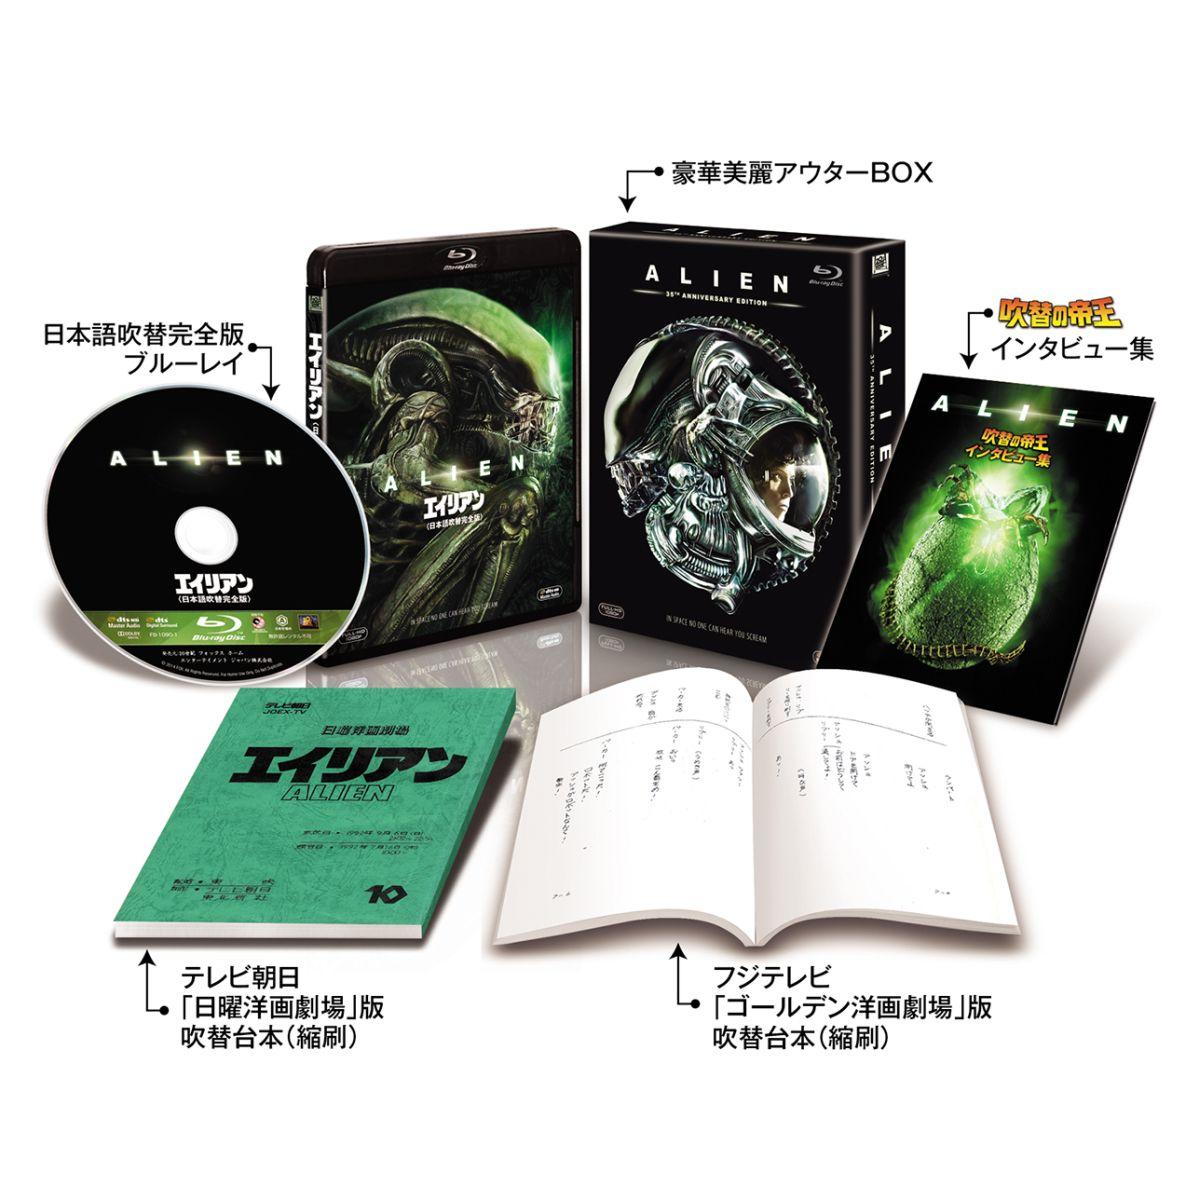 エイリアン<日本語吹替完全版>コレクターズ・ブルーレイBOX〔初回生産限定〕[FXXE-1090][Blu-ray/ブルーレイ] 製品画像